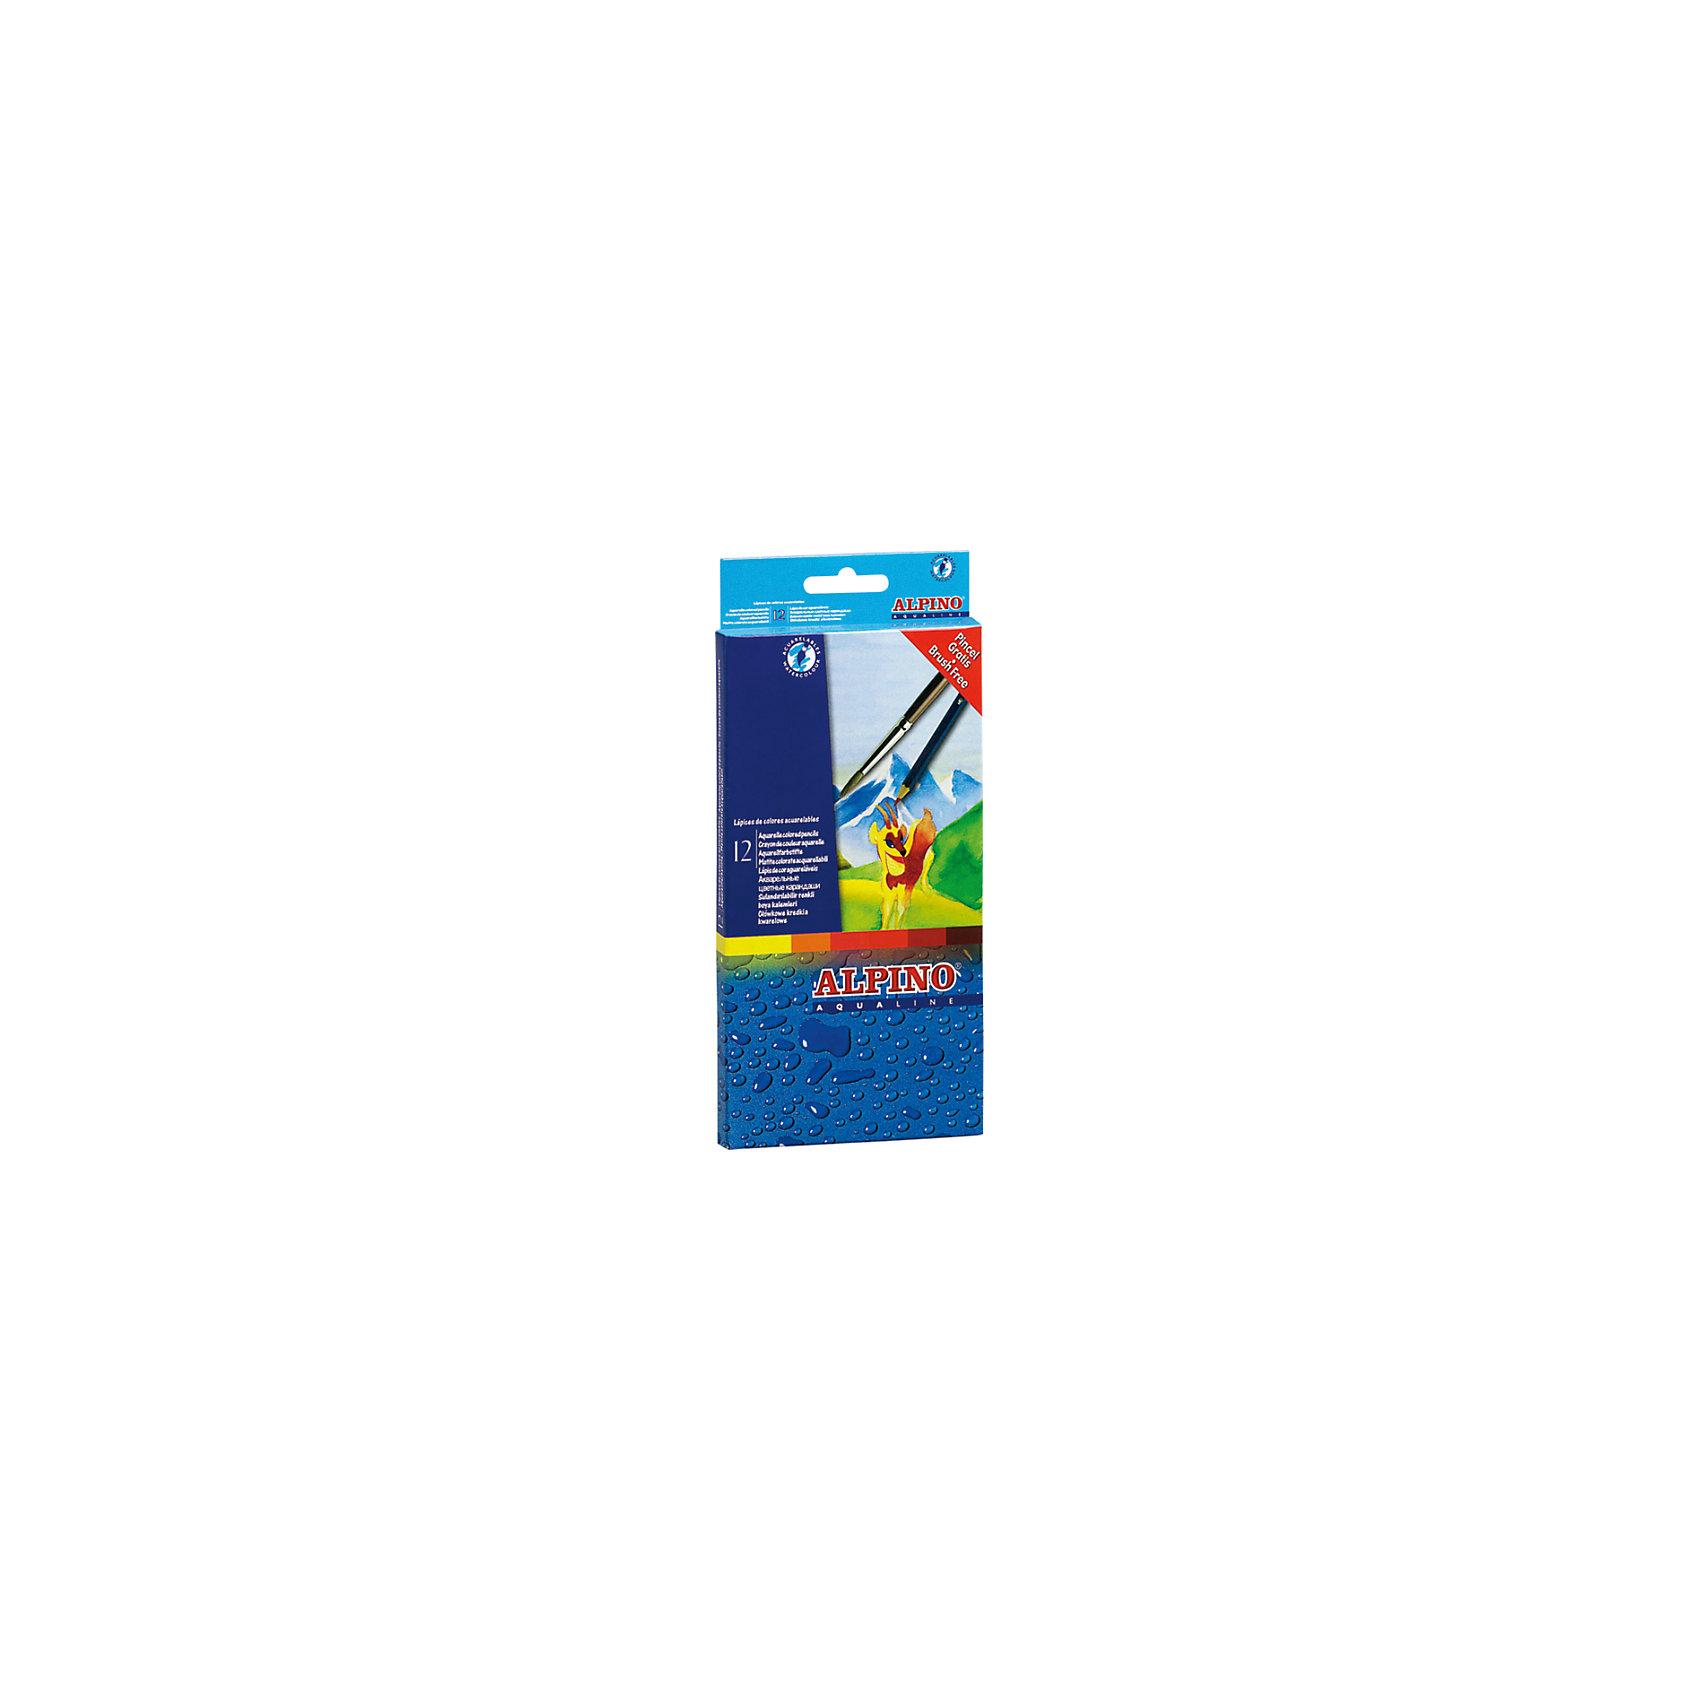 Цветные шестигранные акварельные карандаши AQUALINE, 12 цв. + кисточка